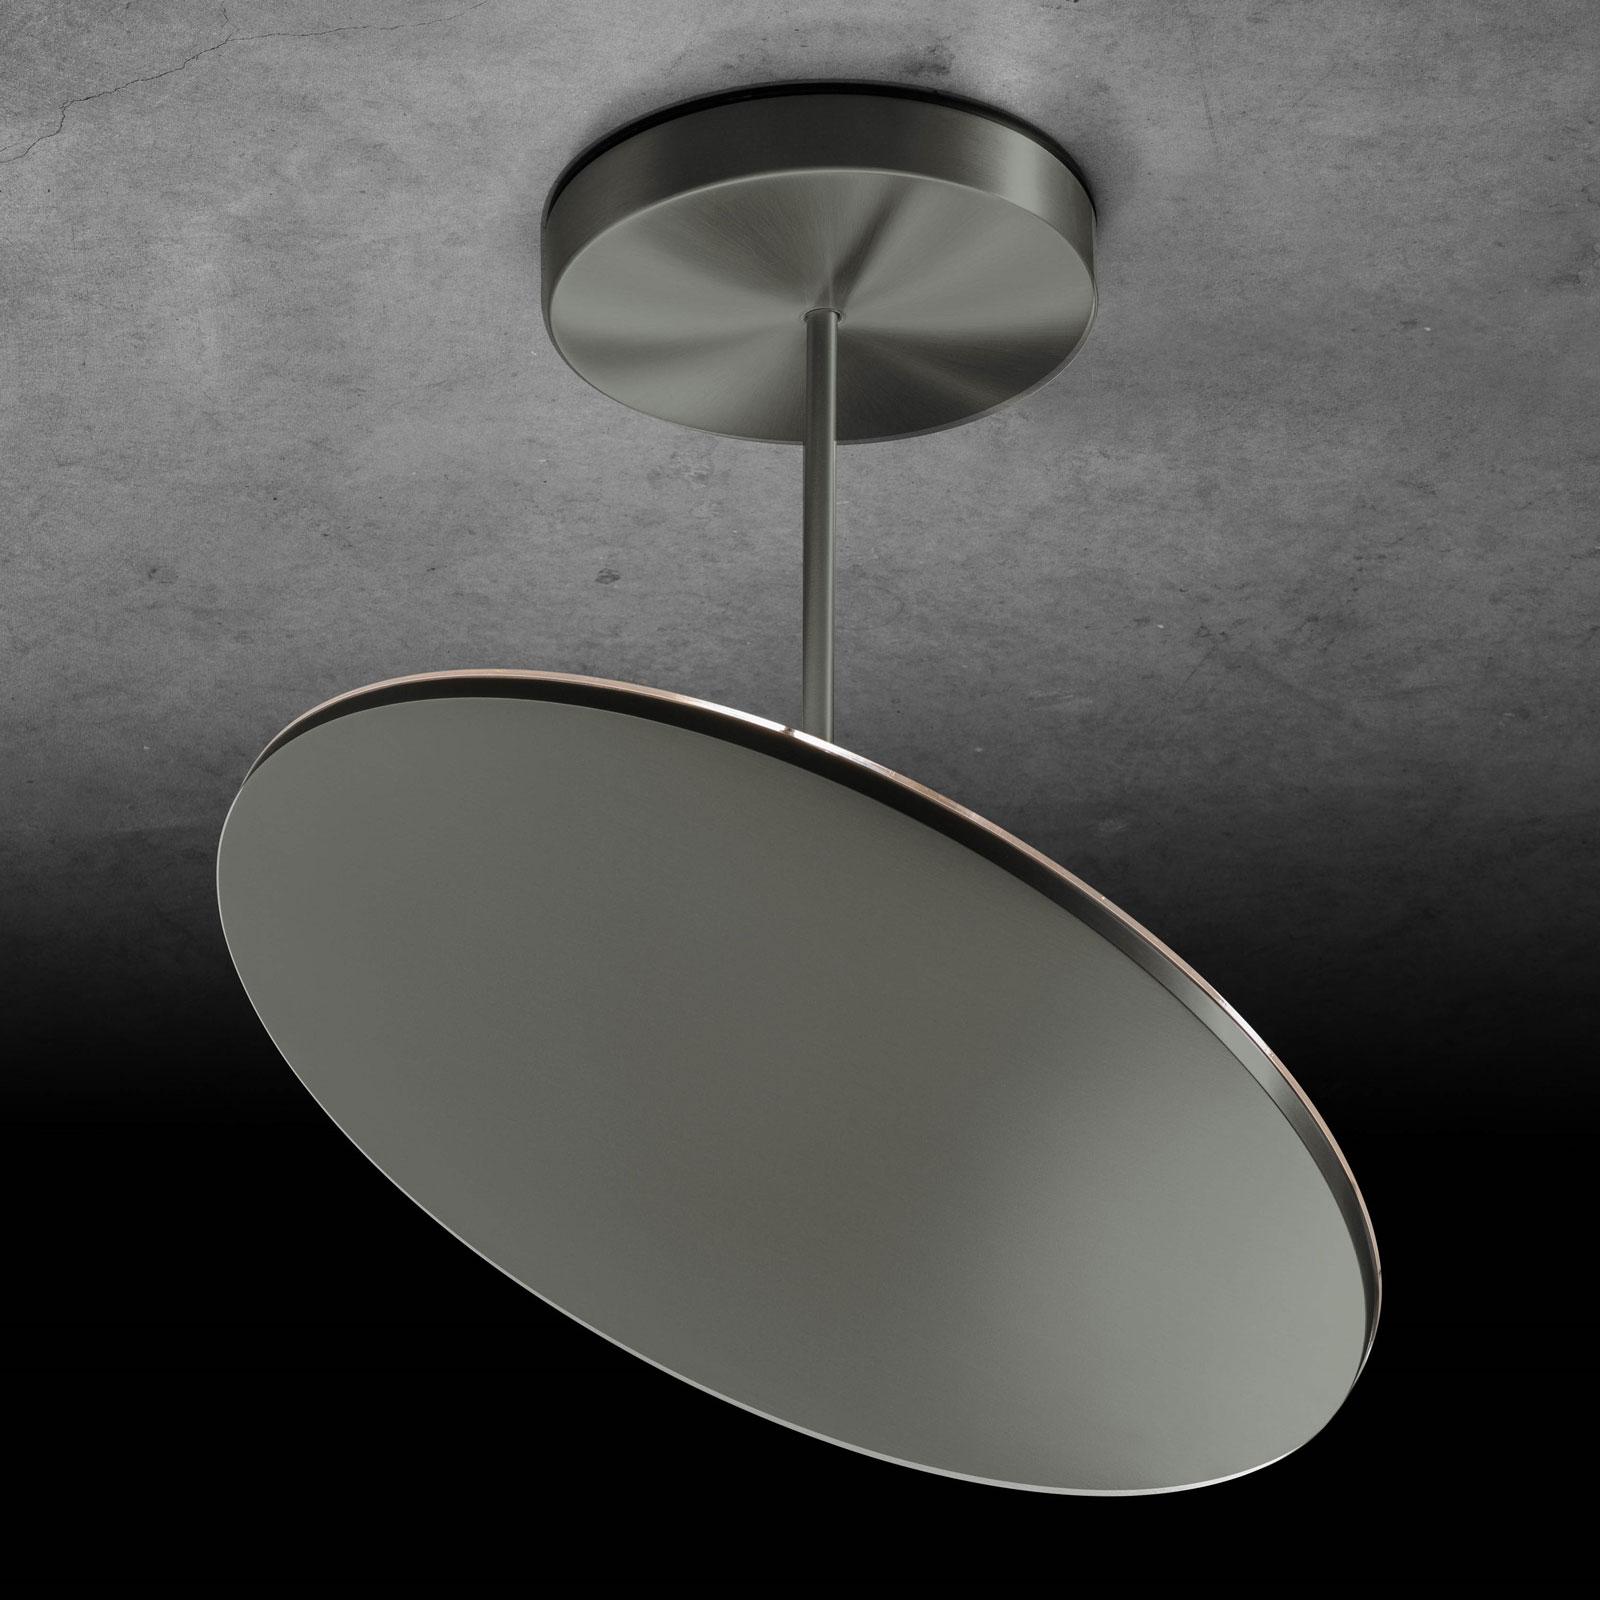 Holtkötter Plano XL LED-Deckenlampe platin